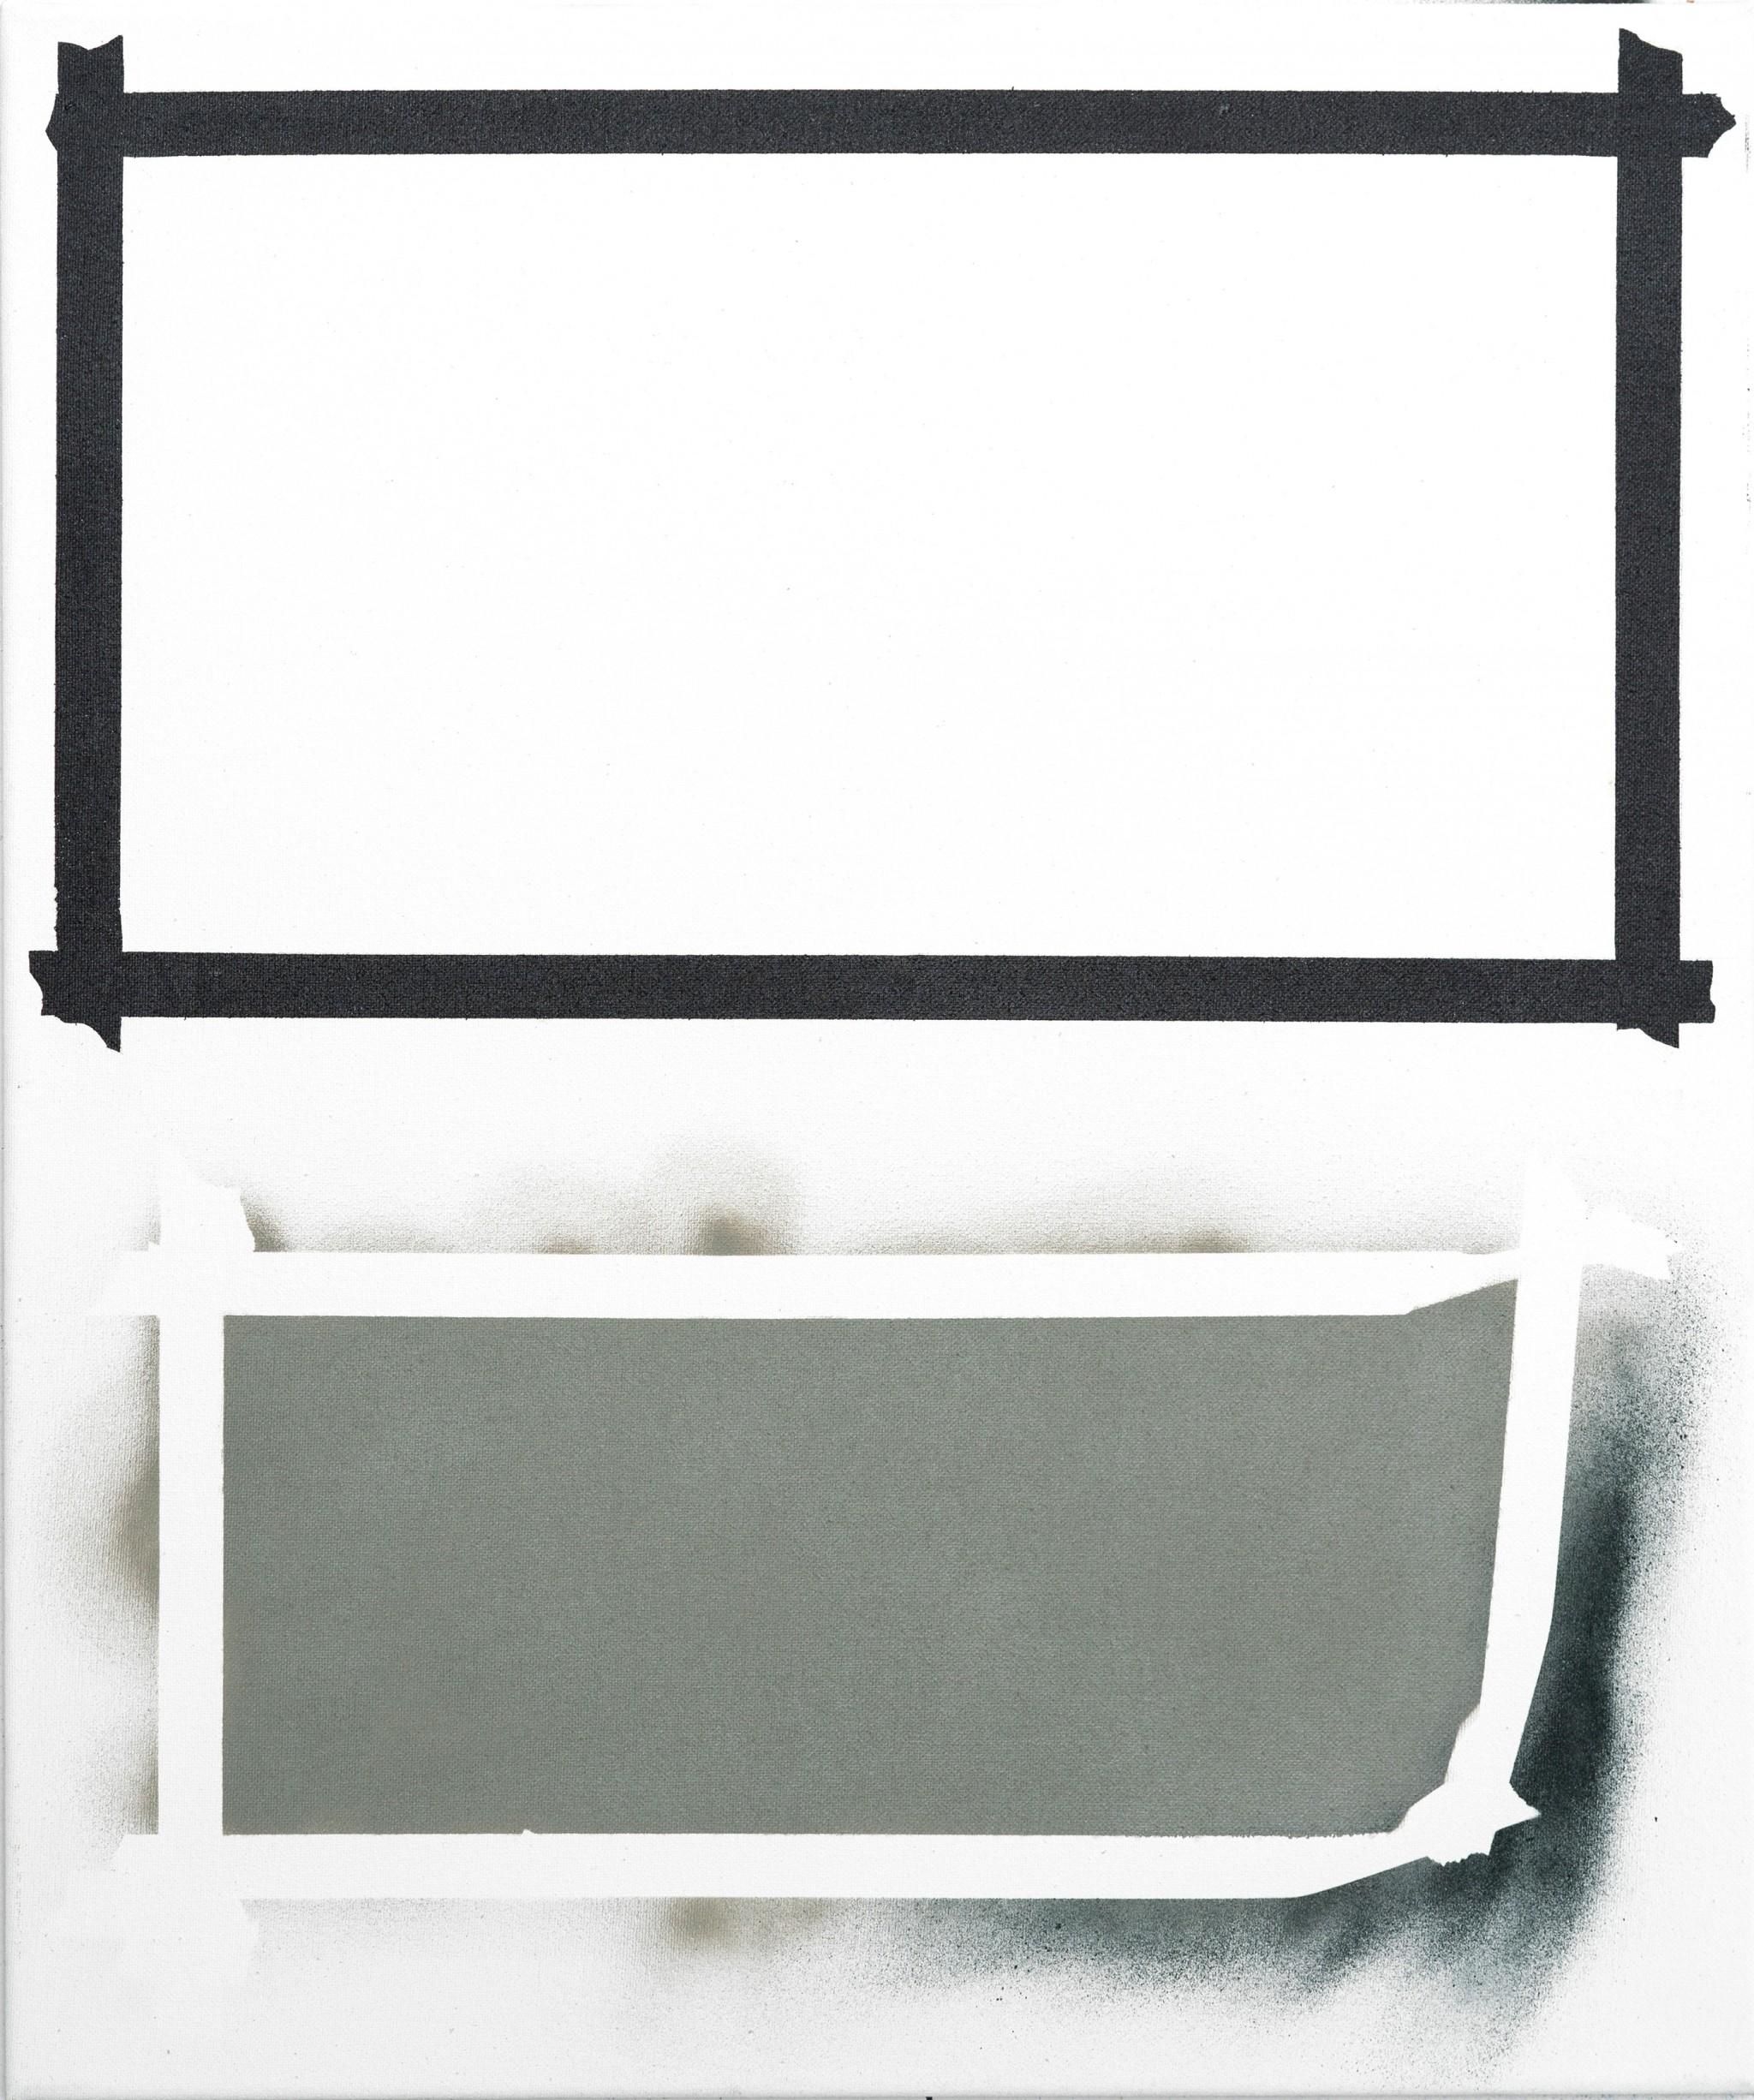 O.T. 2018 Acryl, Lack auf Baumwolle 50x40 cm